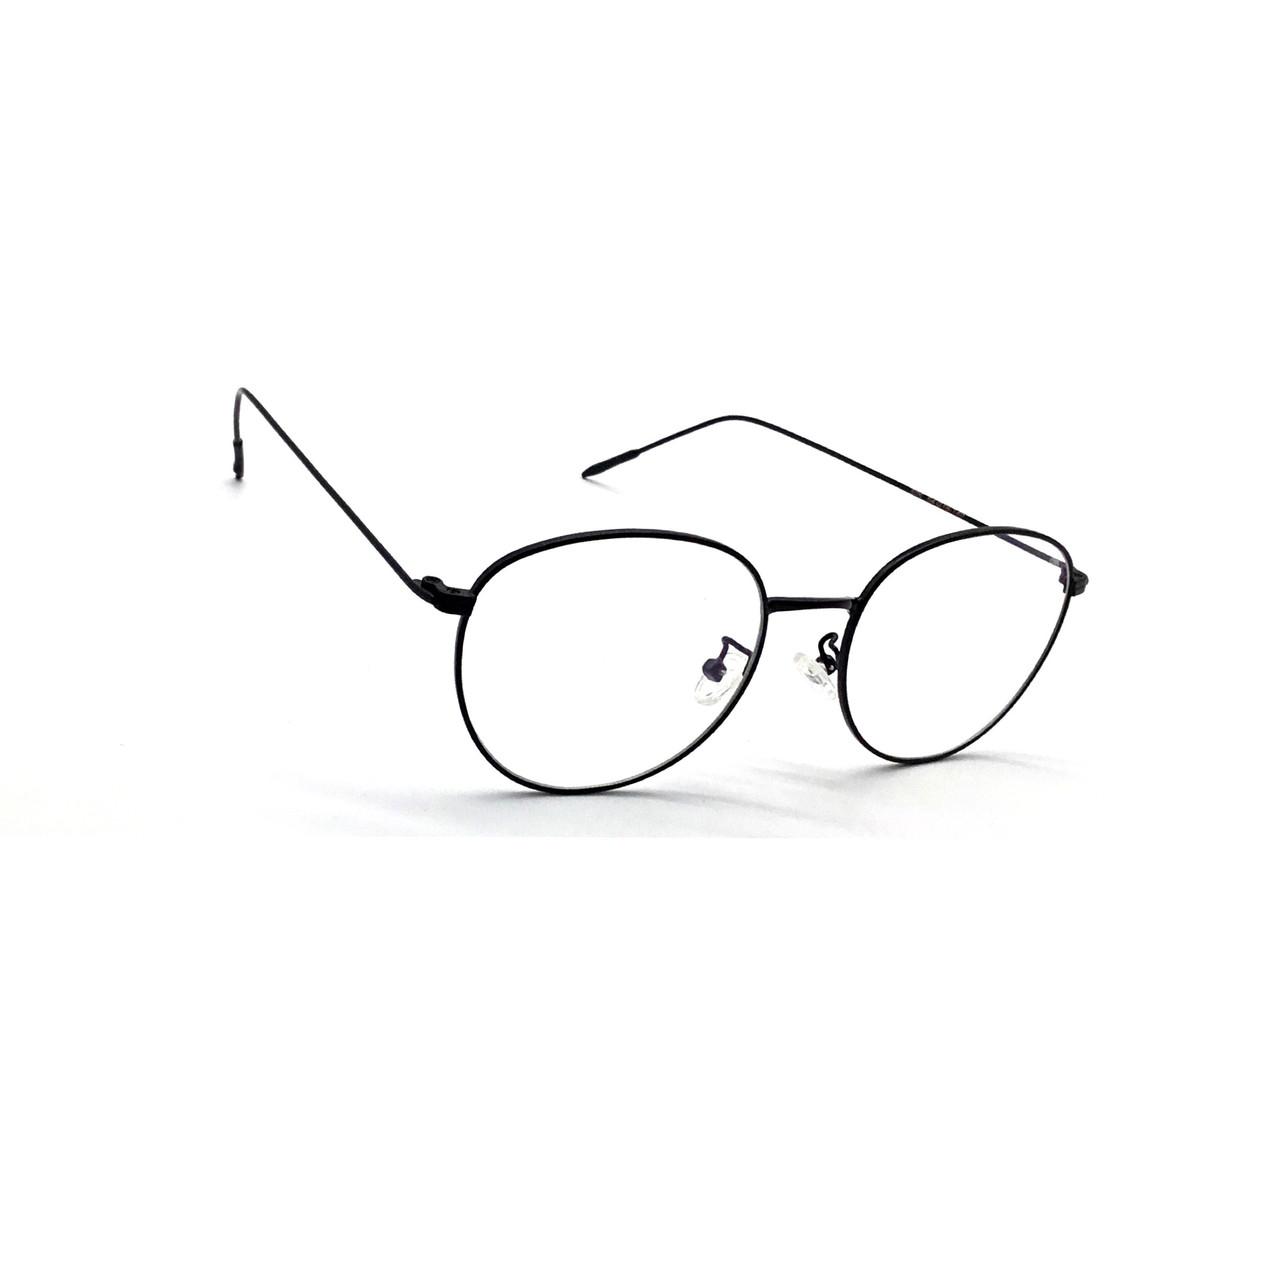 Комп'ютерні окуляри з полімерної лінзою 505 чорний